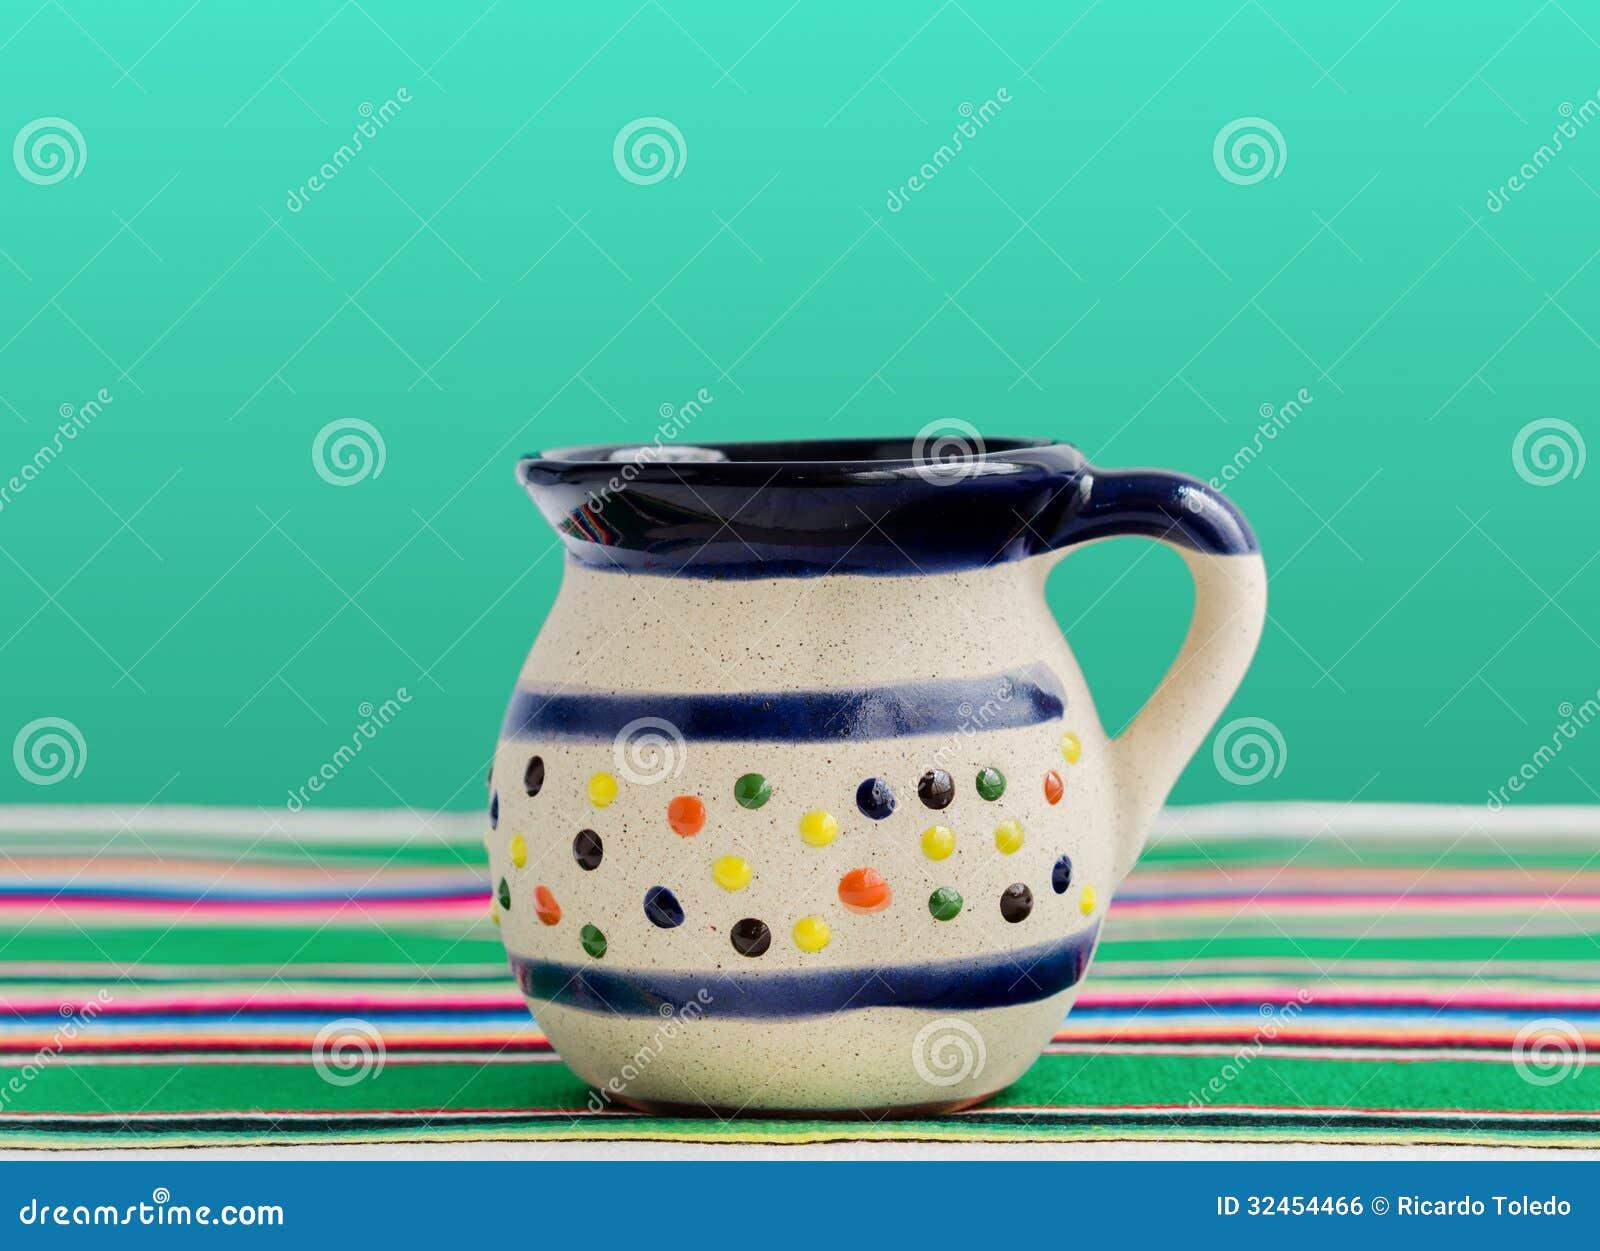 Copo mexicano para o café e bebidas quentes